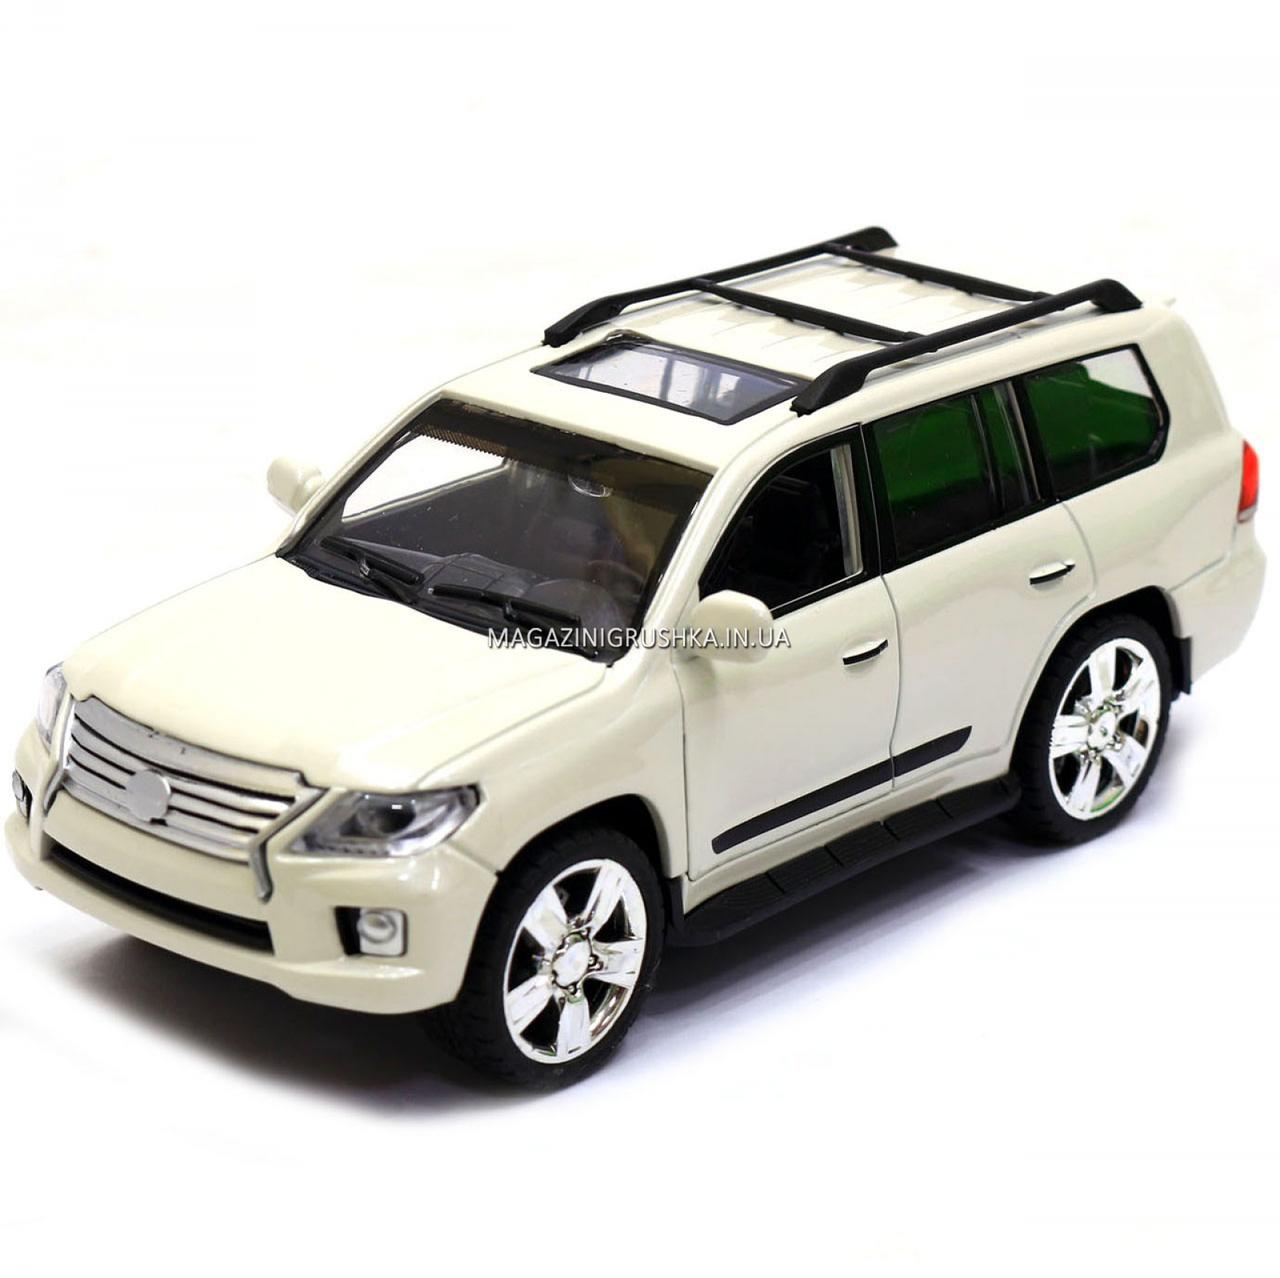 Машинка ігрова автопром «Lexus» Лексус джип, метал, 18 см, Білий (світло, звук, двері відкриваються) 7664